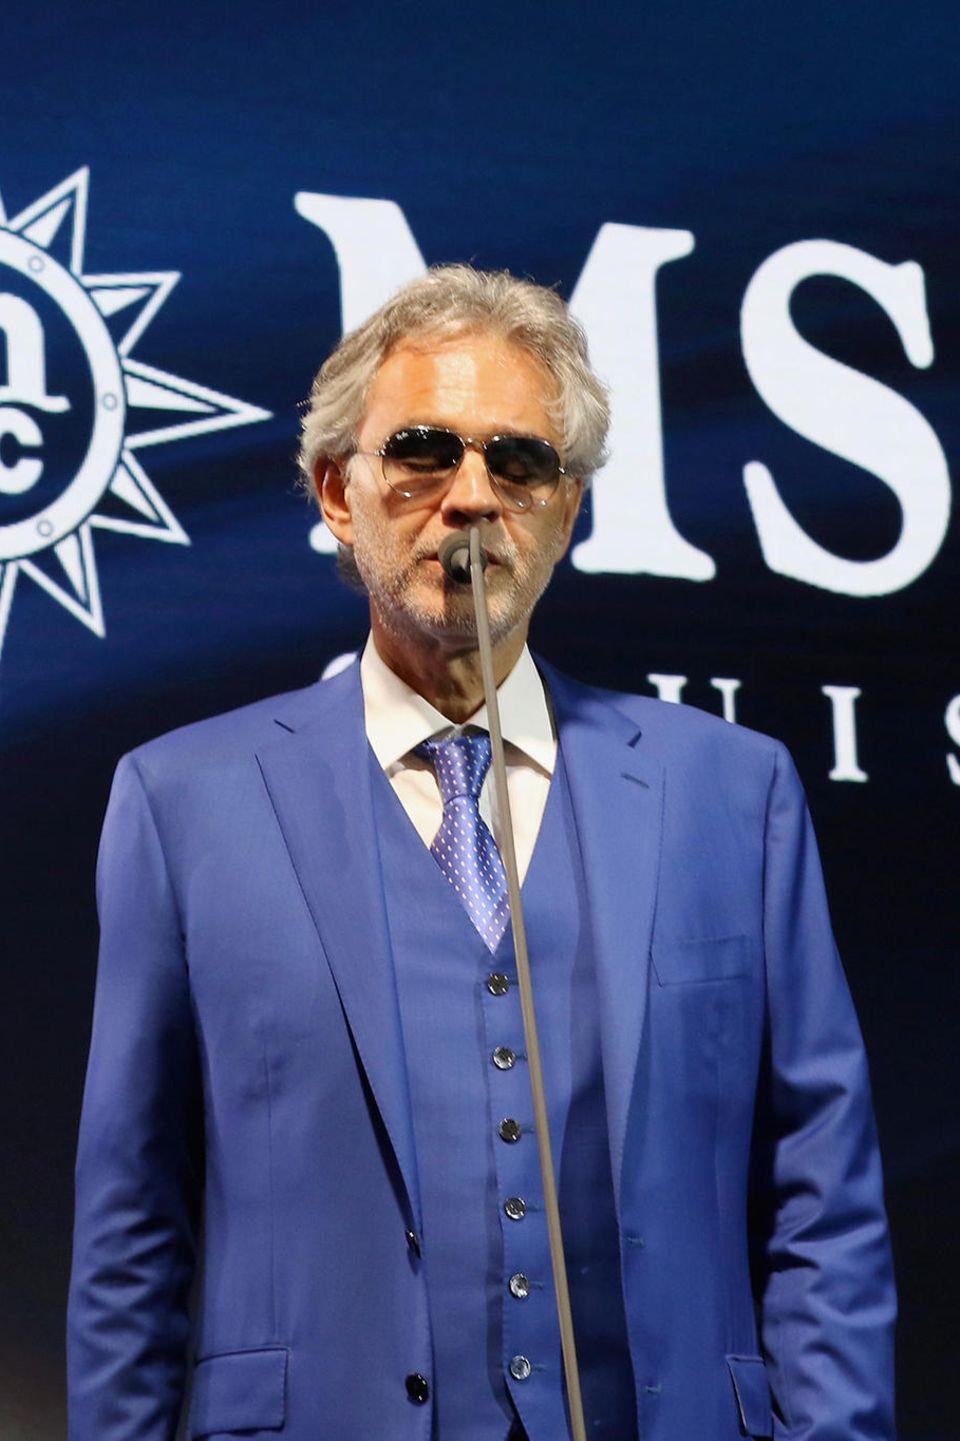 21. Dezember 2017  Zur Bekanntgabe der Partnerschaft von MSC Cruises mit der Andrea Bocelli Foundation performte der italienische Sänger live auf der Bühne ...